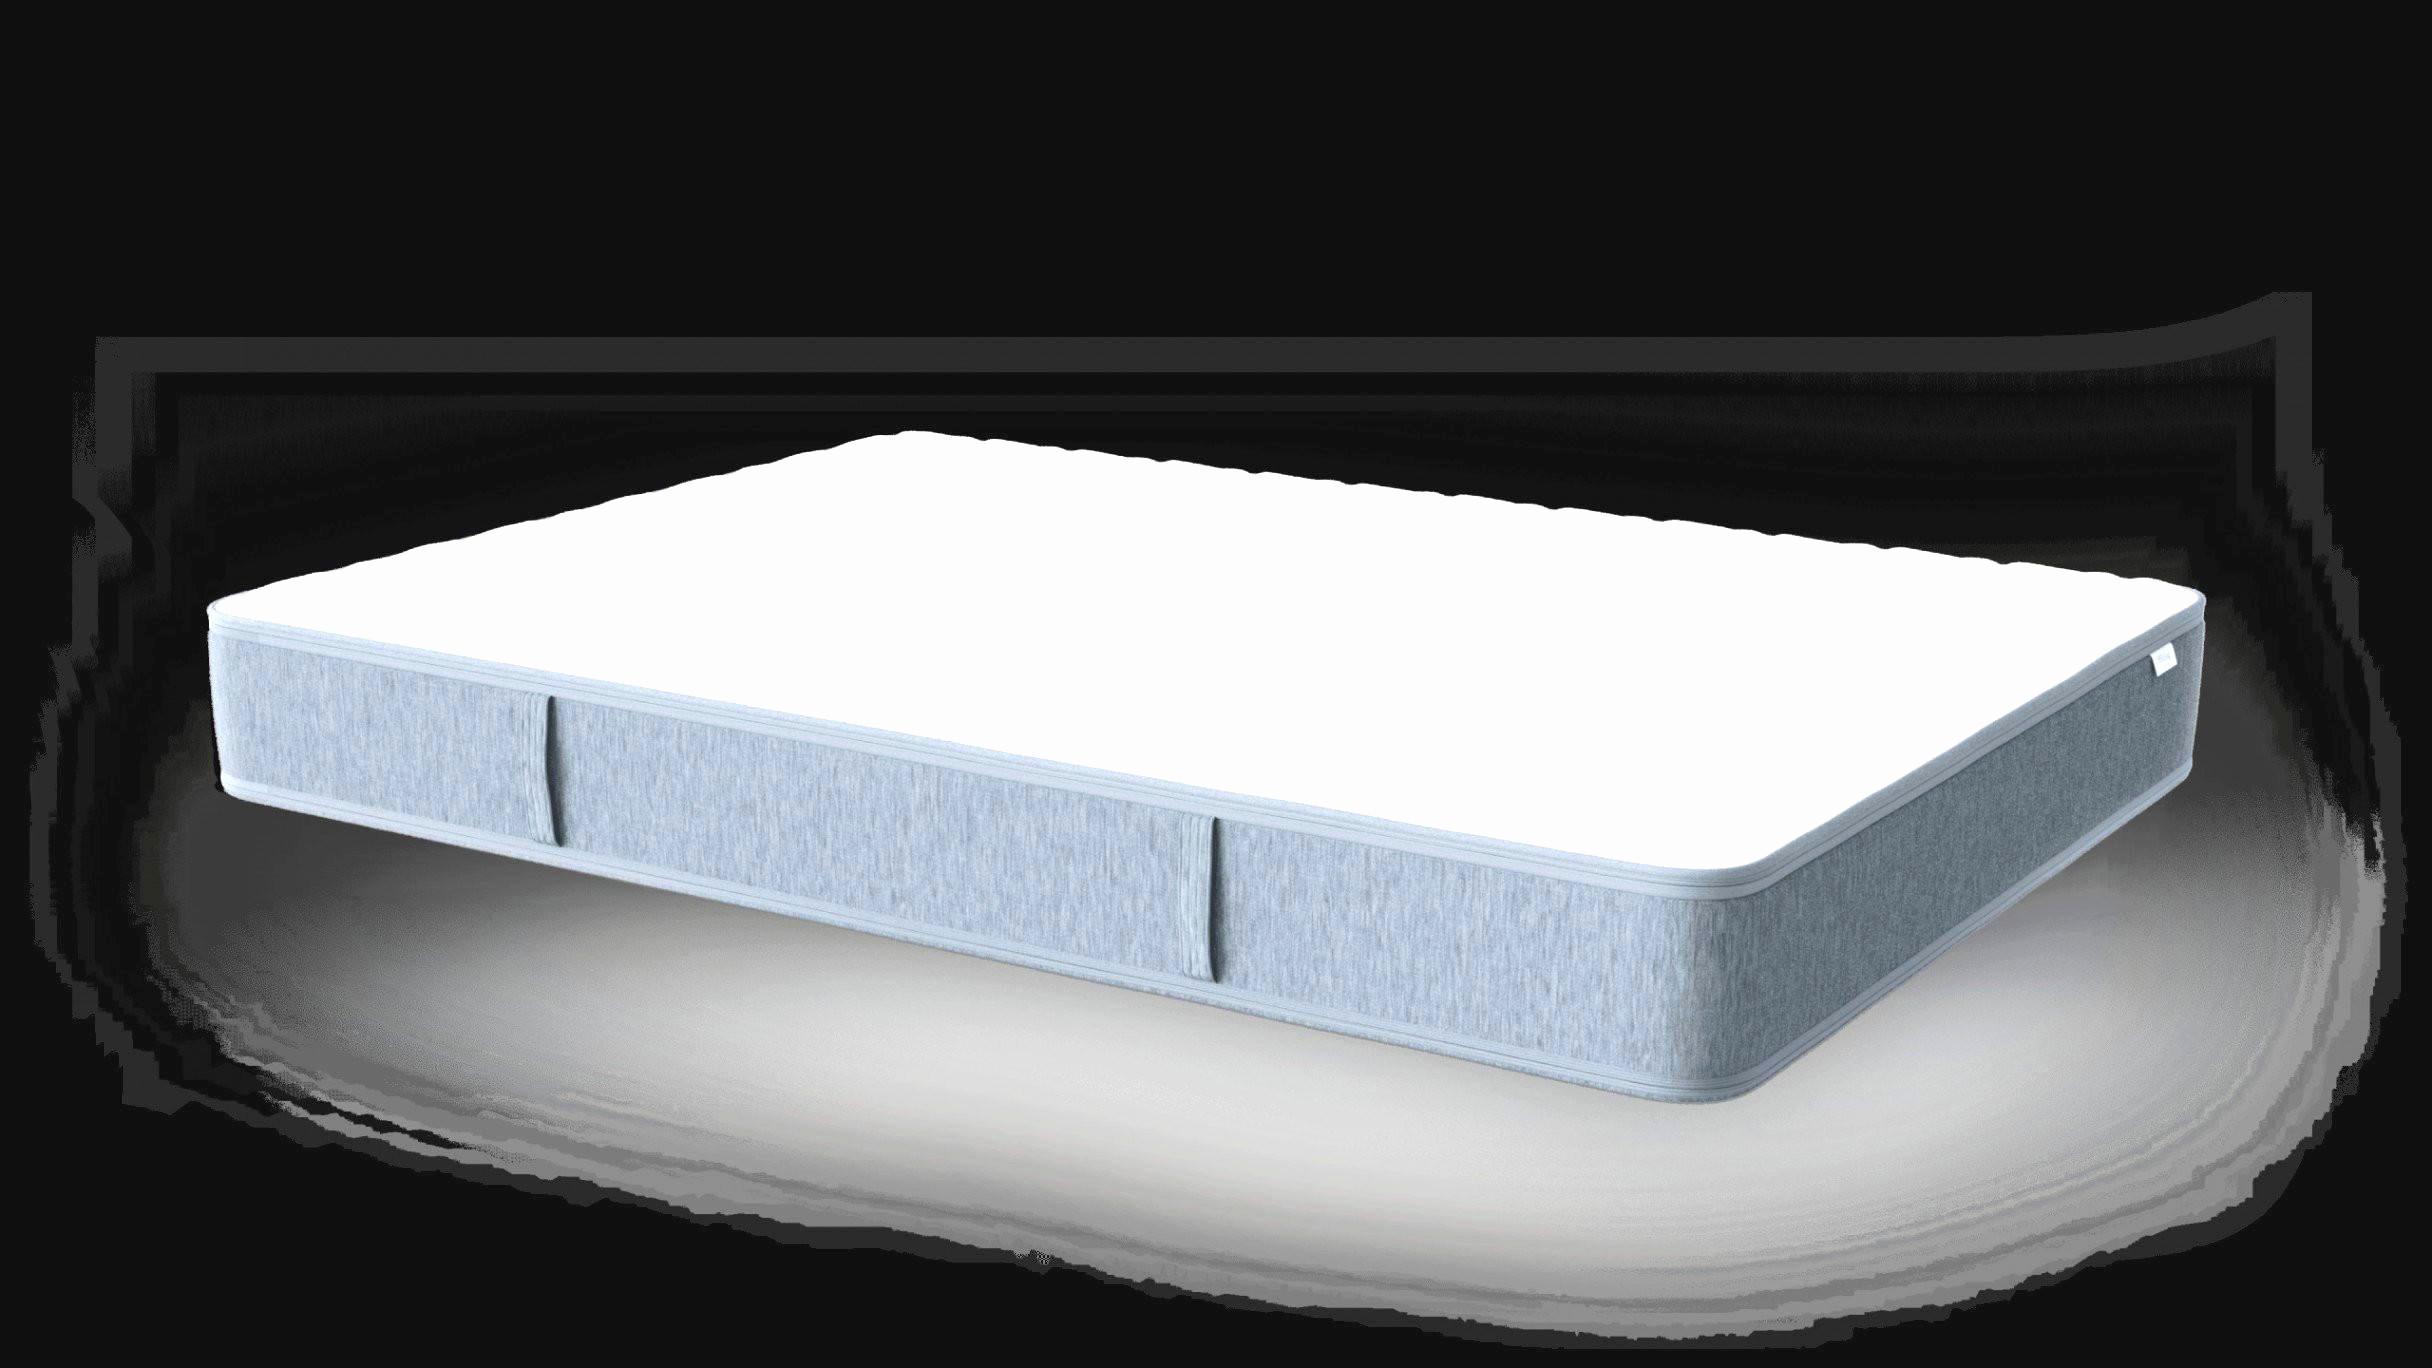 Billige Matratzen  Billige Matratzen 180×200 Frisch Matratzen 180×200